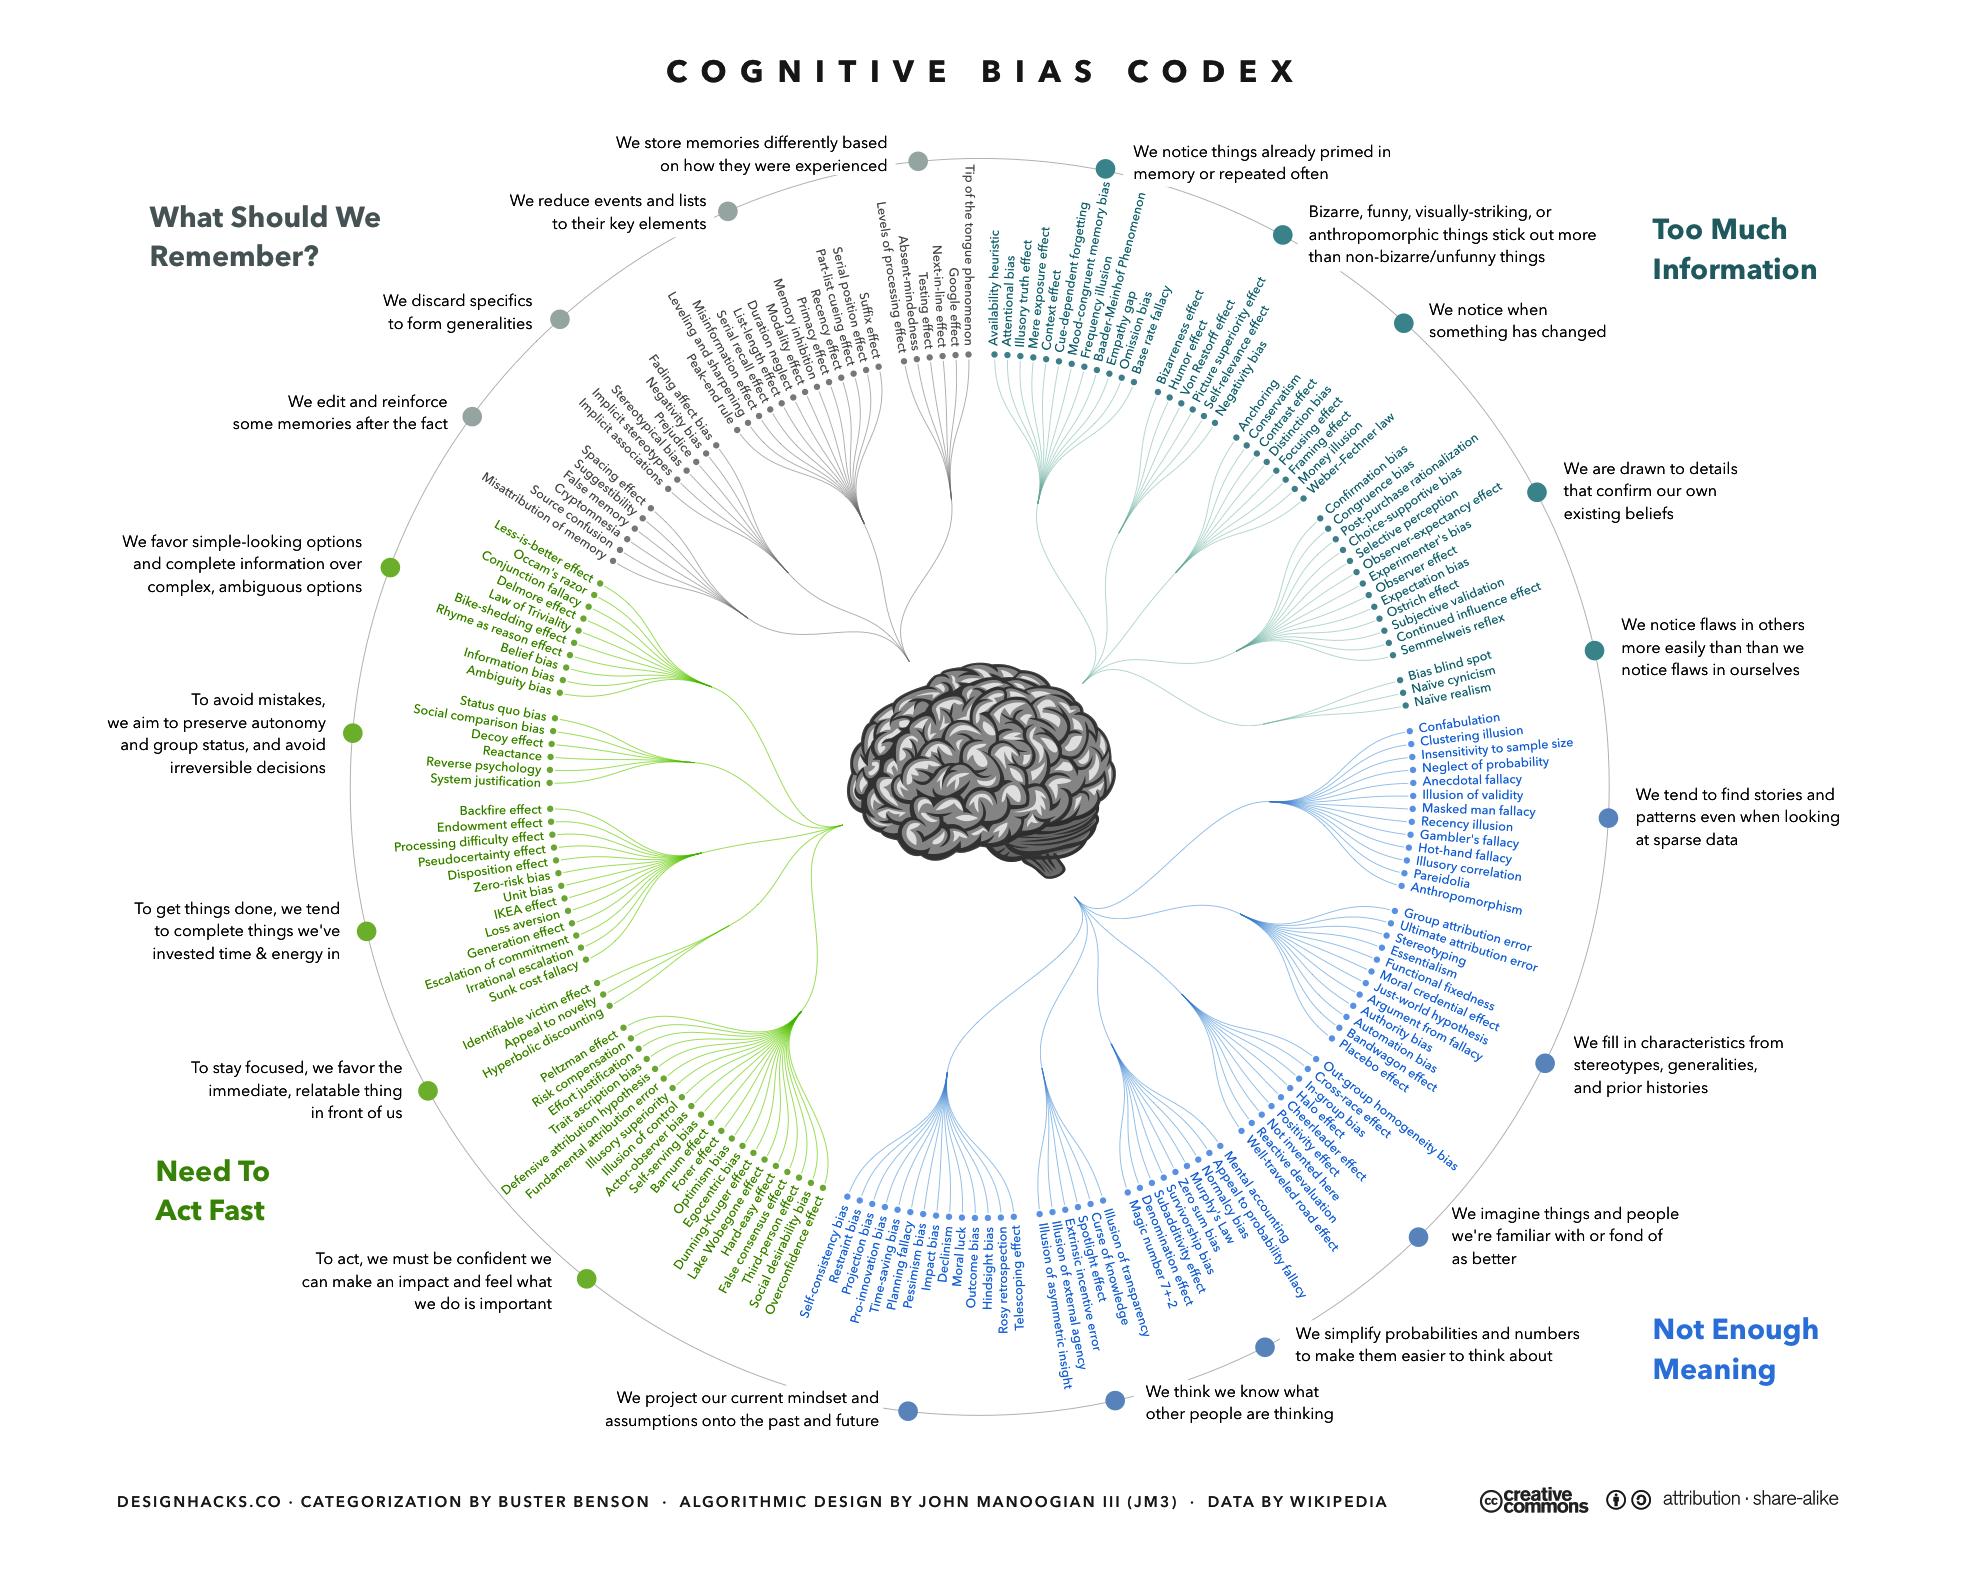 Ein sehr umfangreiches Diagramm von über Hundert möglichen «Biasen» welche in verschiedene Kategorien unterteilt sind.